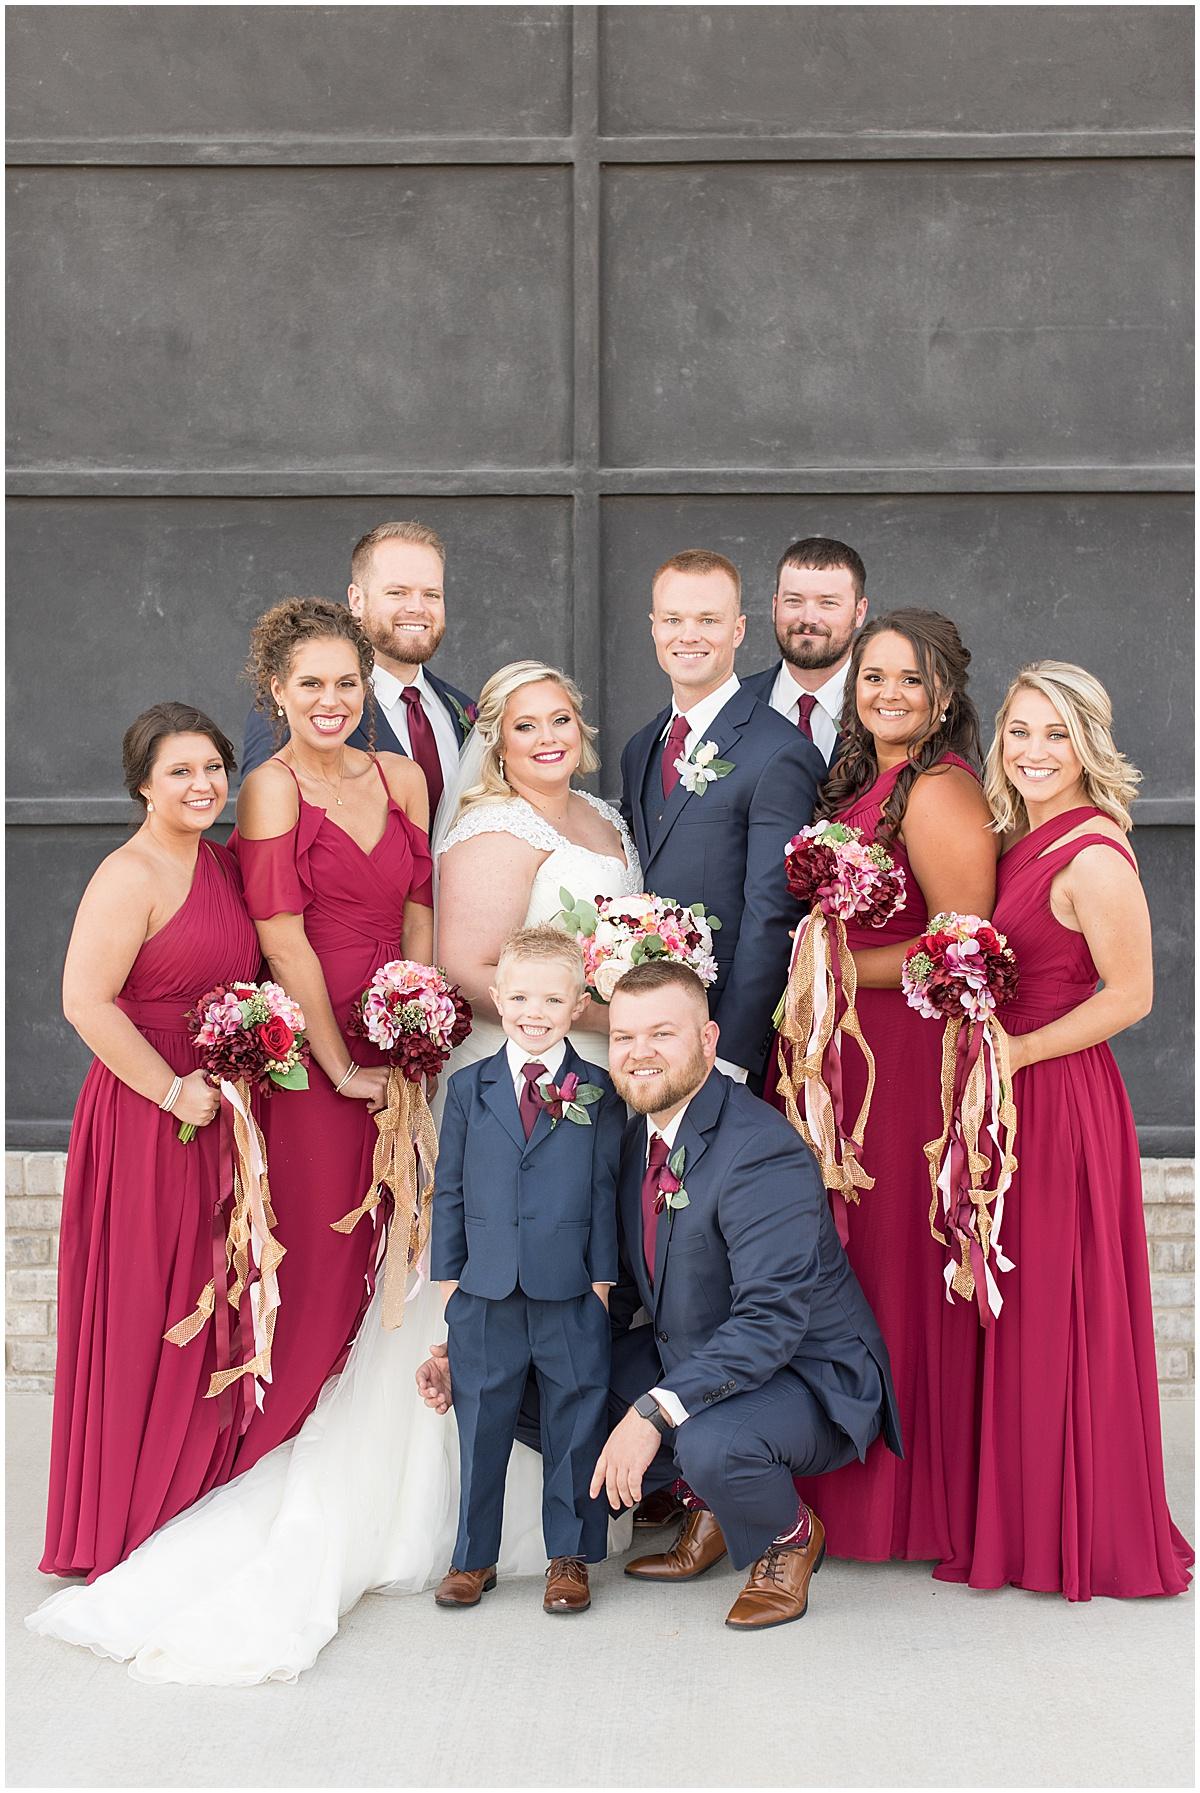 Bridal party at wedding at Bel Air Events in Kokomo, Indiana